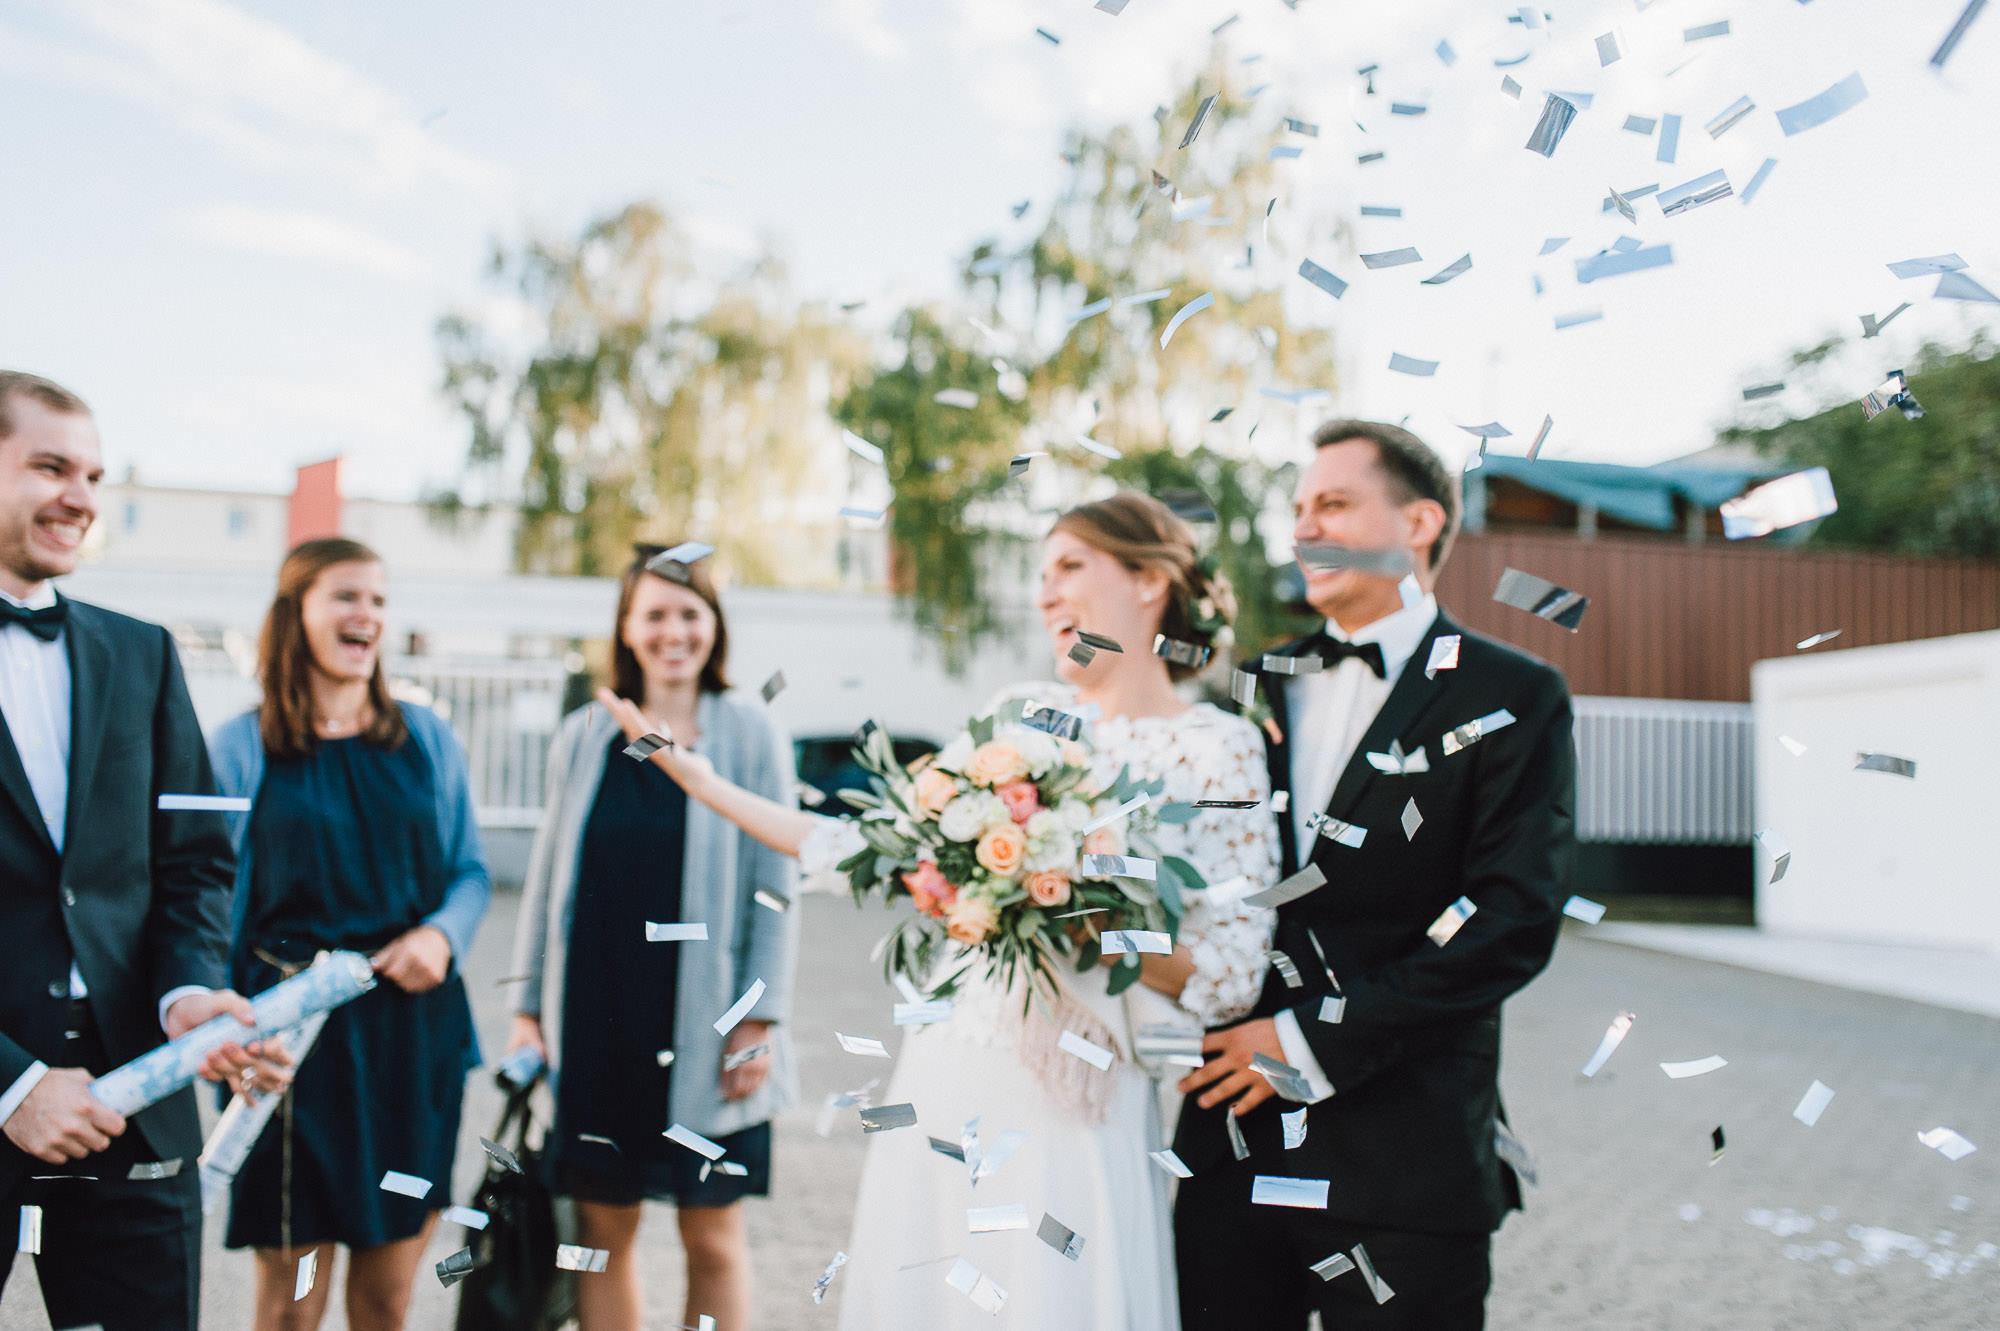 modern-urban-industrial-wedding-poolhaus-nuernberg-hochzeit-096